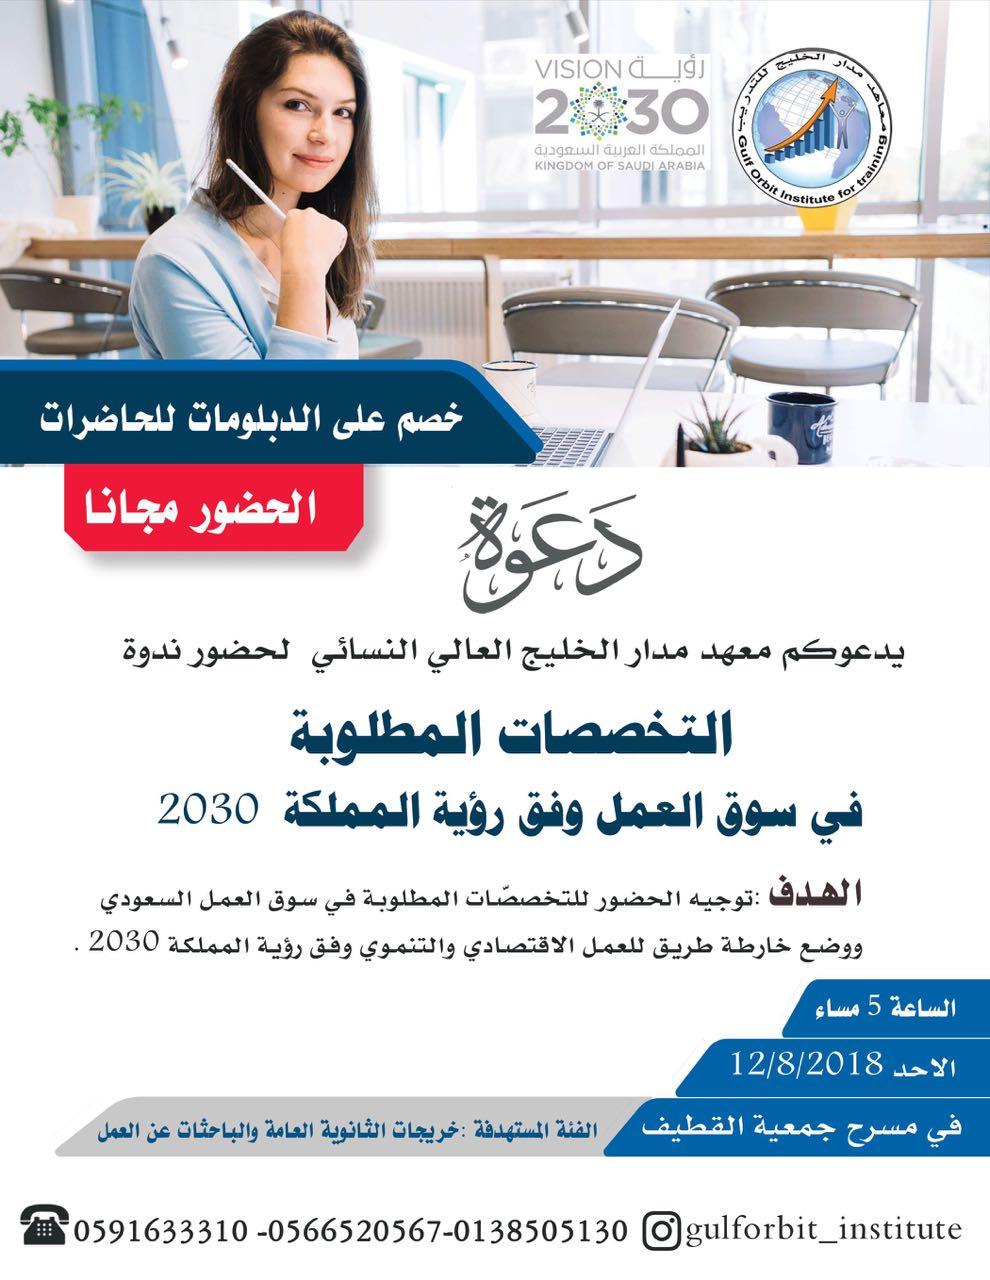 التخصصات المطلوبة 2030